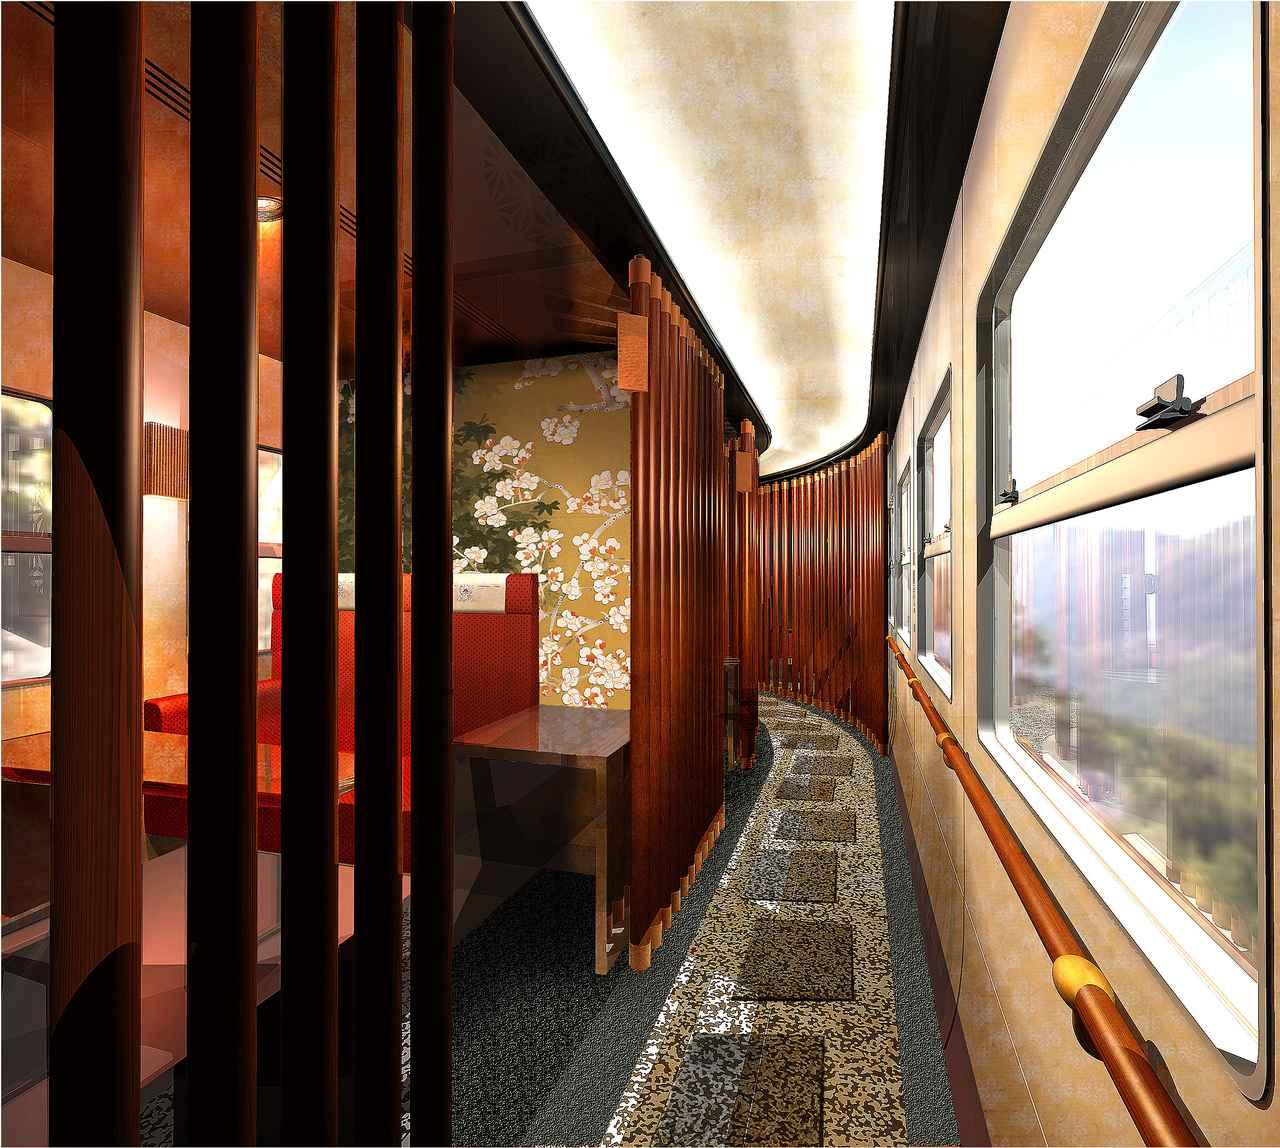 画像2: 日本を駆ける美しき『観光列車』と郷愁を誘う『ローカル線』の旅<ロイヤル・グランステージ>